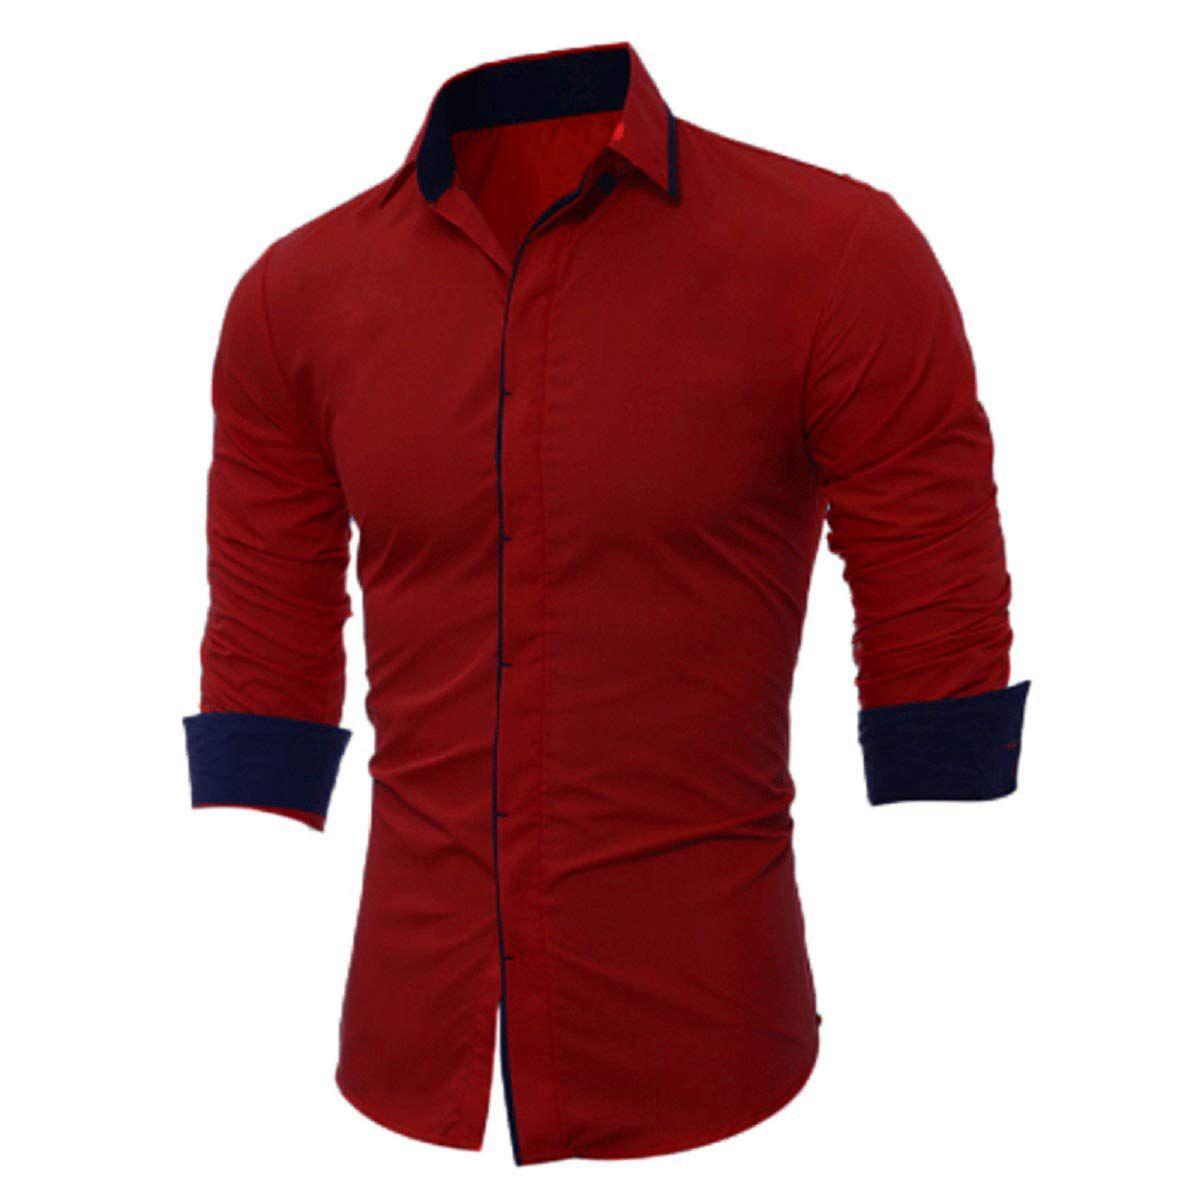 SUR-T 100 Percent Cotton Maroon Solids Shirt